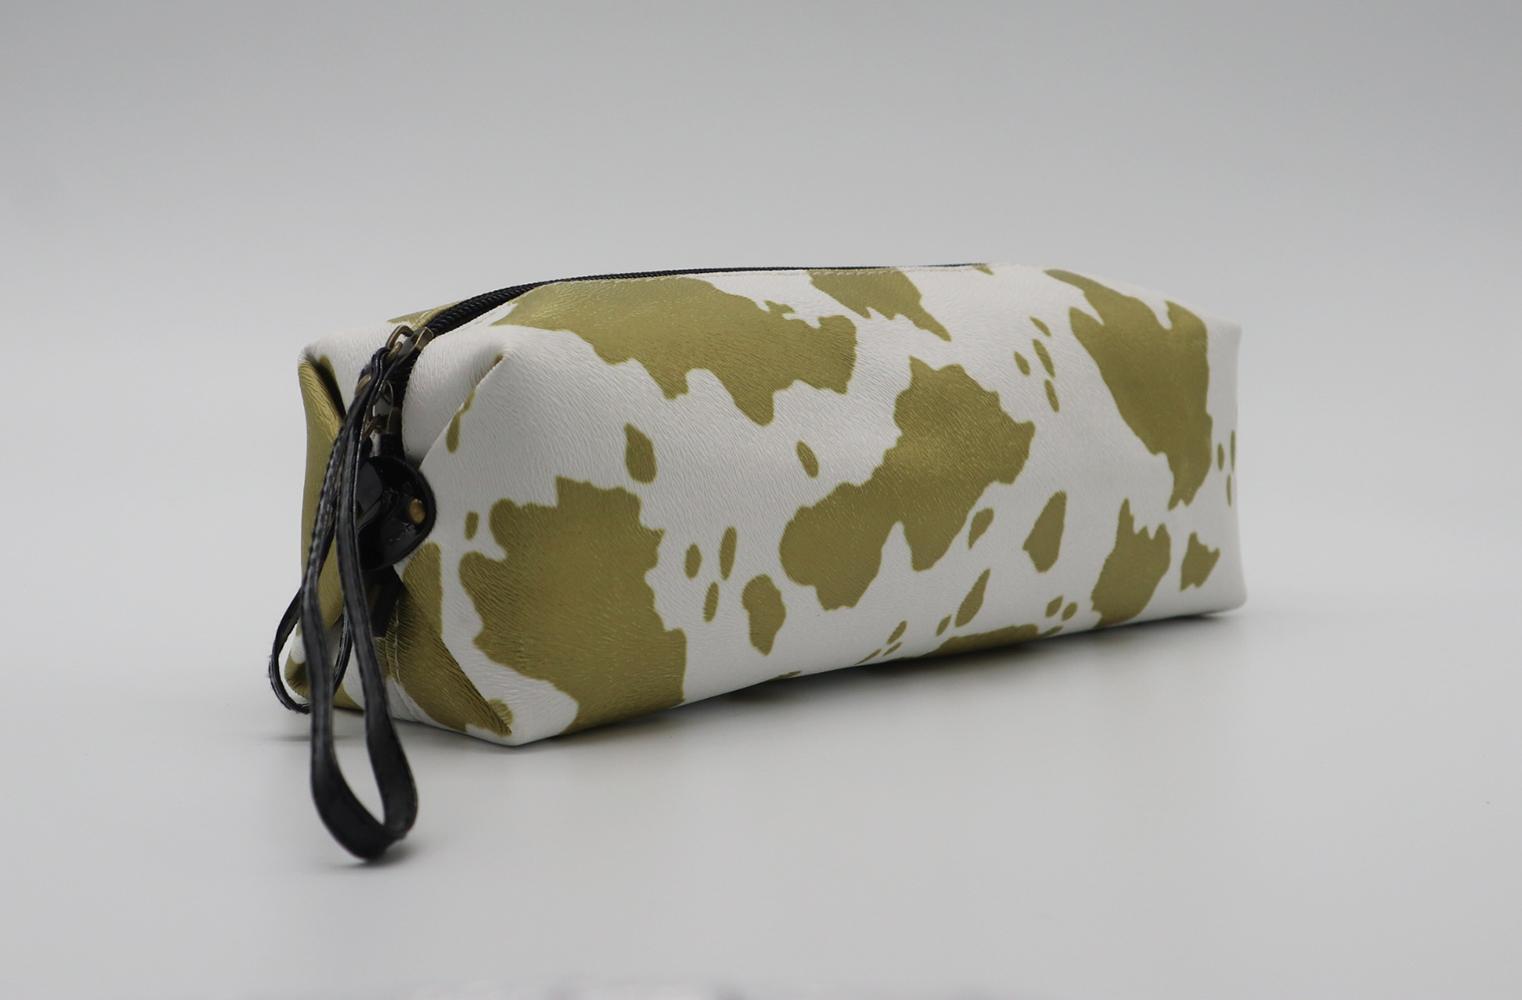 PVC made beauty women shoes bag